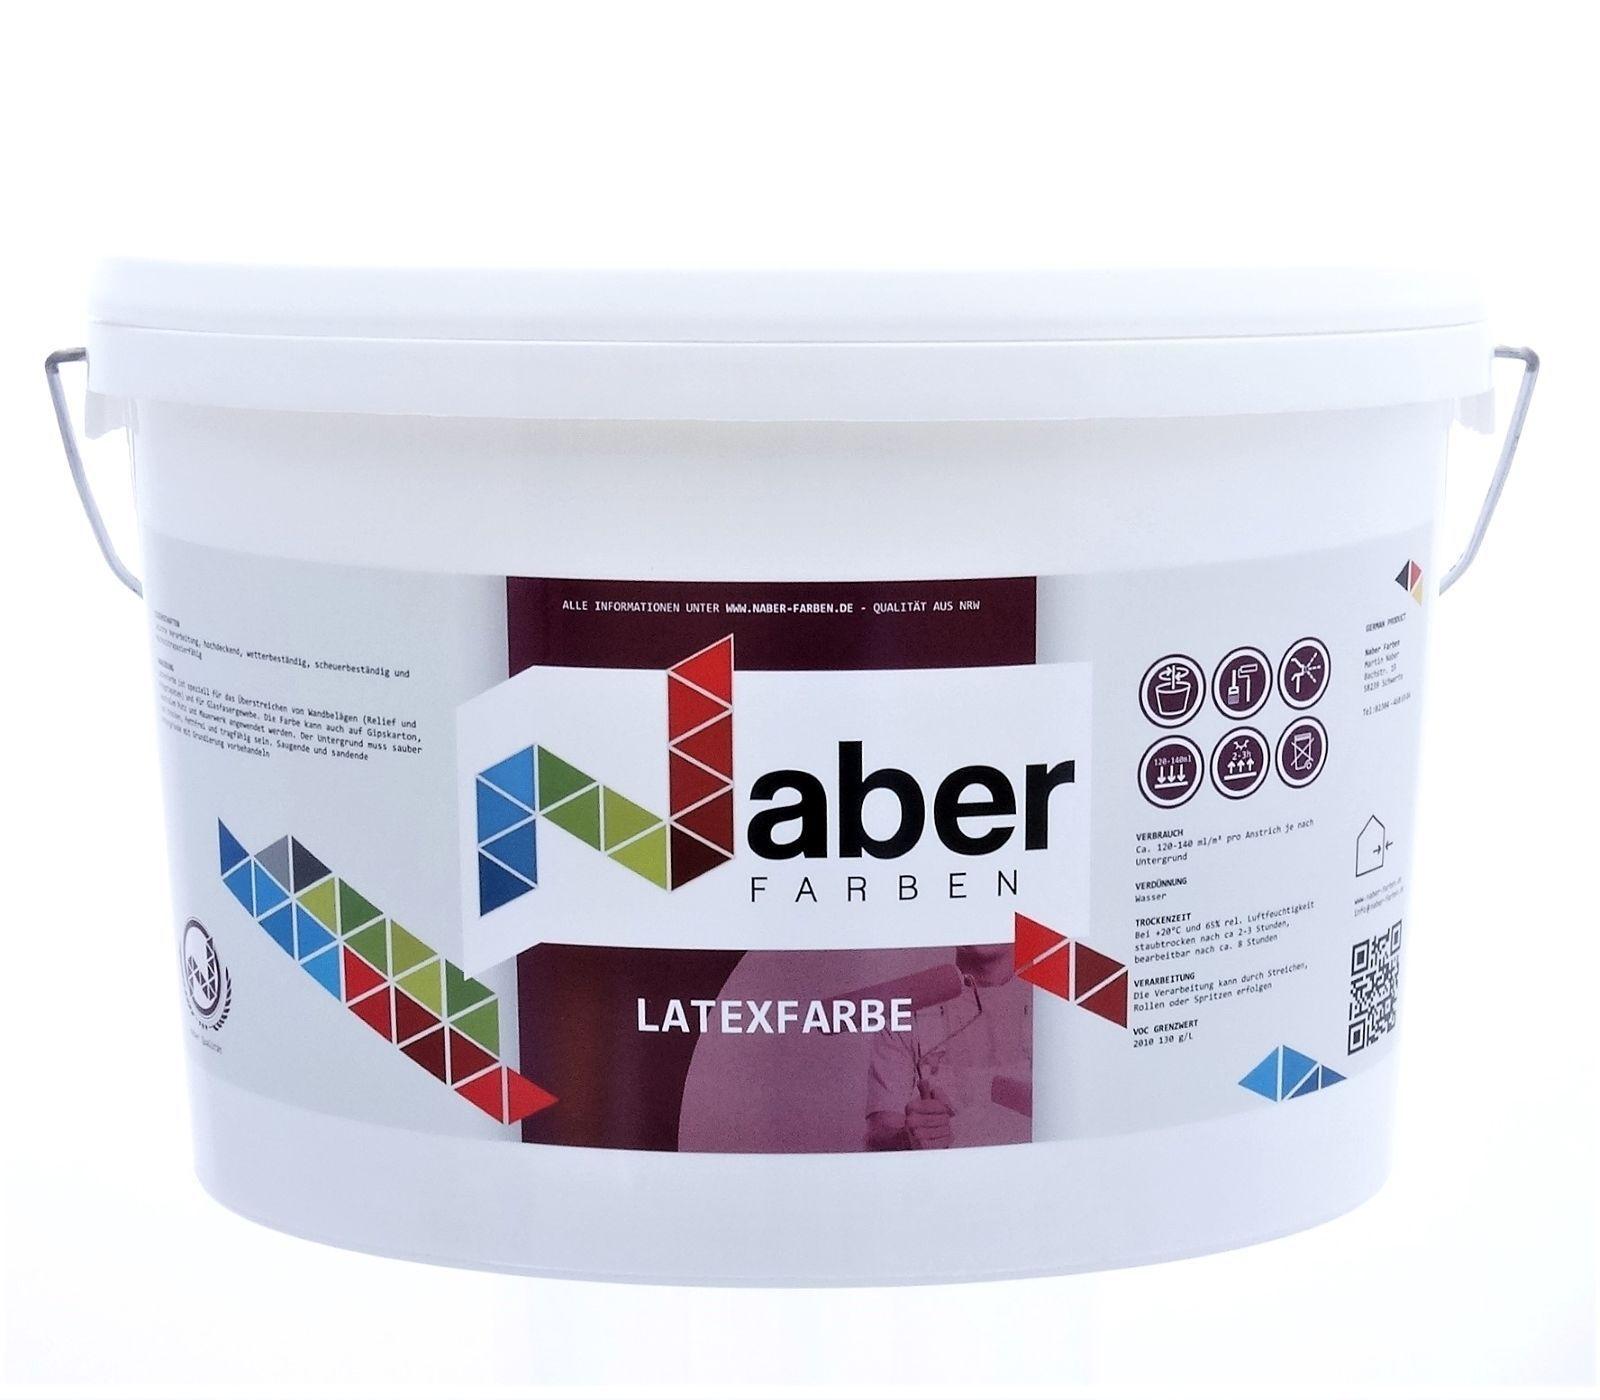 ( /L) 10 L LATEXFARBE - RAL 7047 TELEGRAU 4 - Latex-m a t t